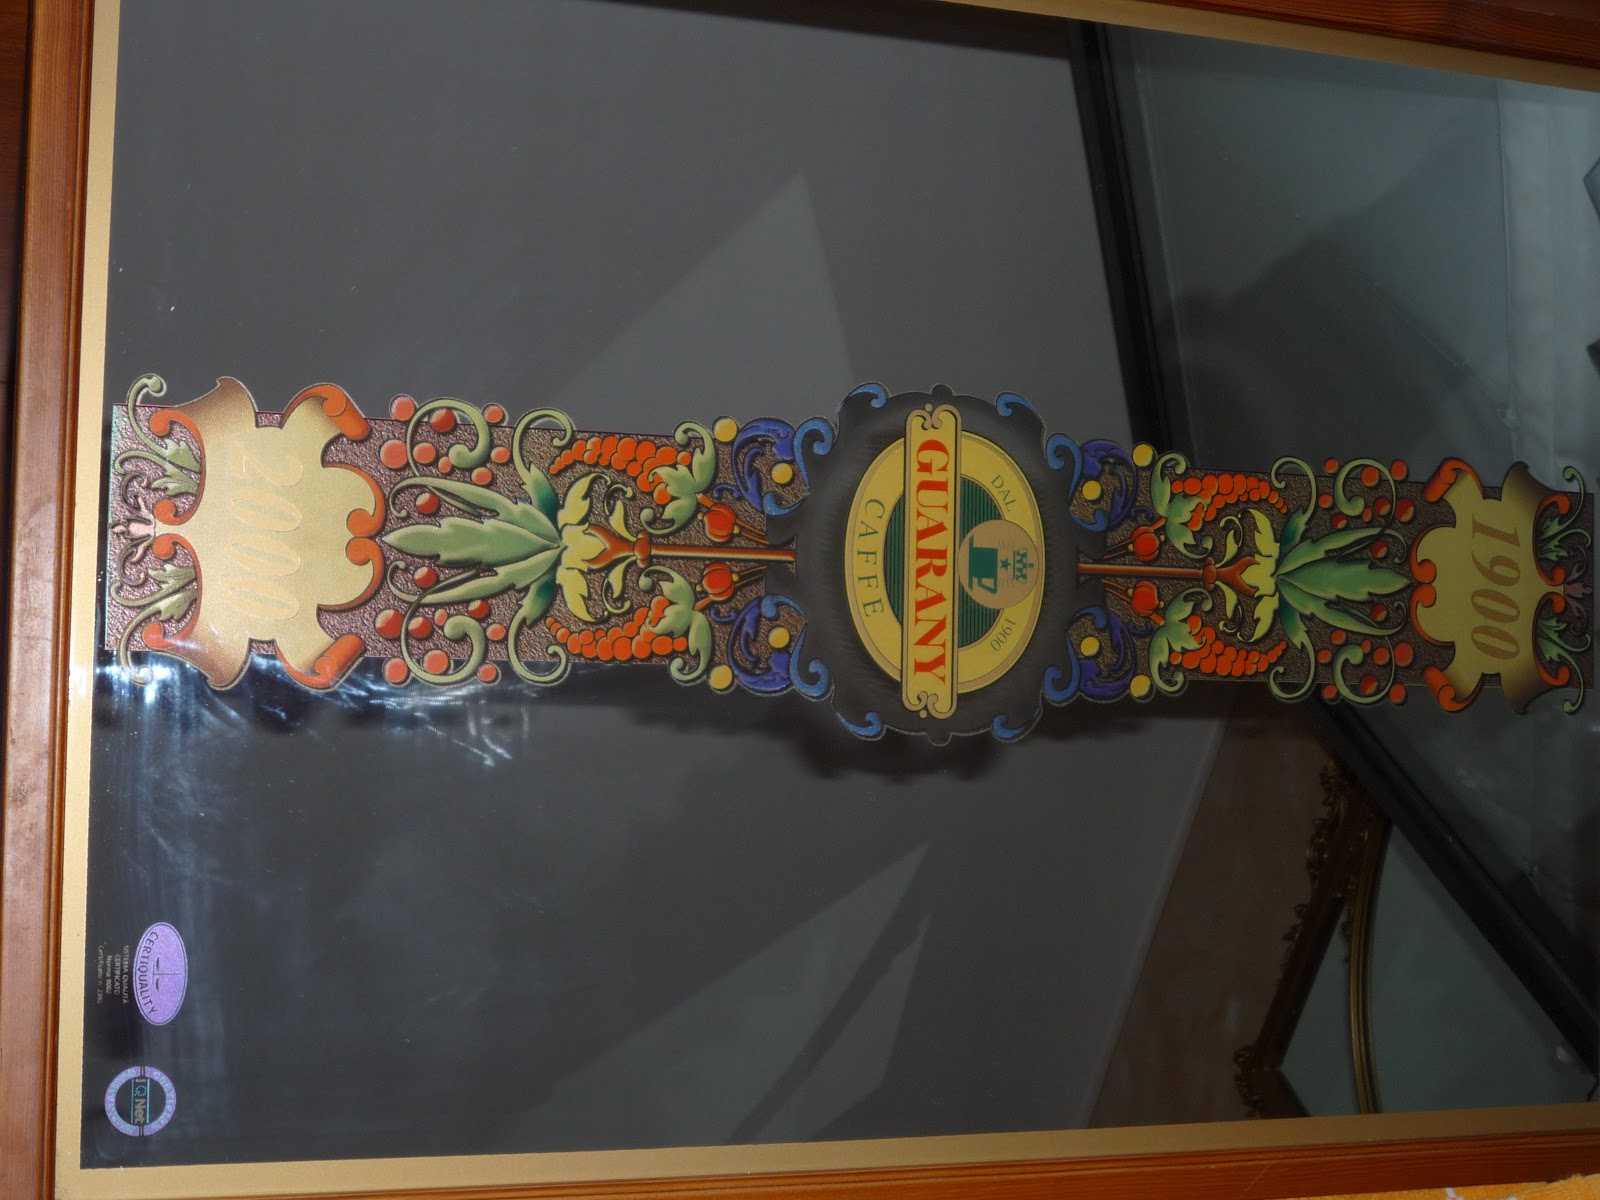 Il mercatino di casa tiraboschi specchio guaranay for Specchio 1900